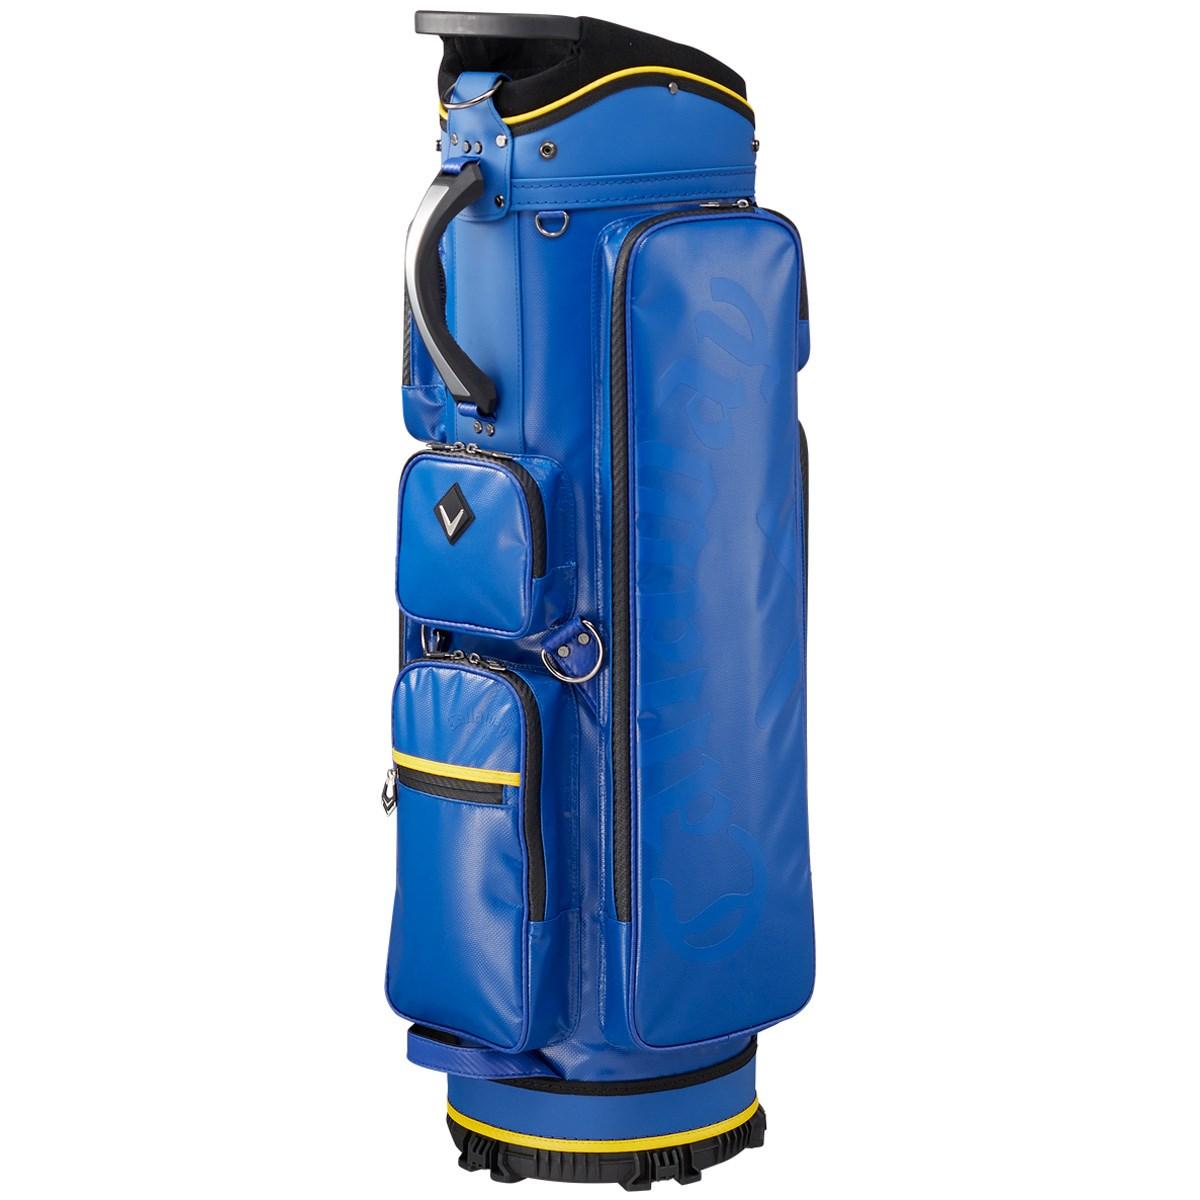 キャロウェイゴルフ(Callaway Golf) BG CRT FUGO キャディバッグ